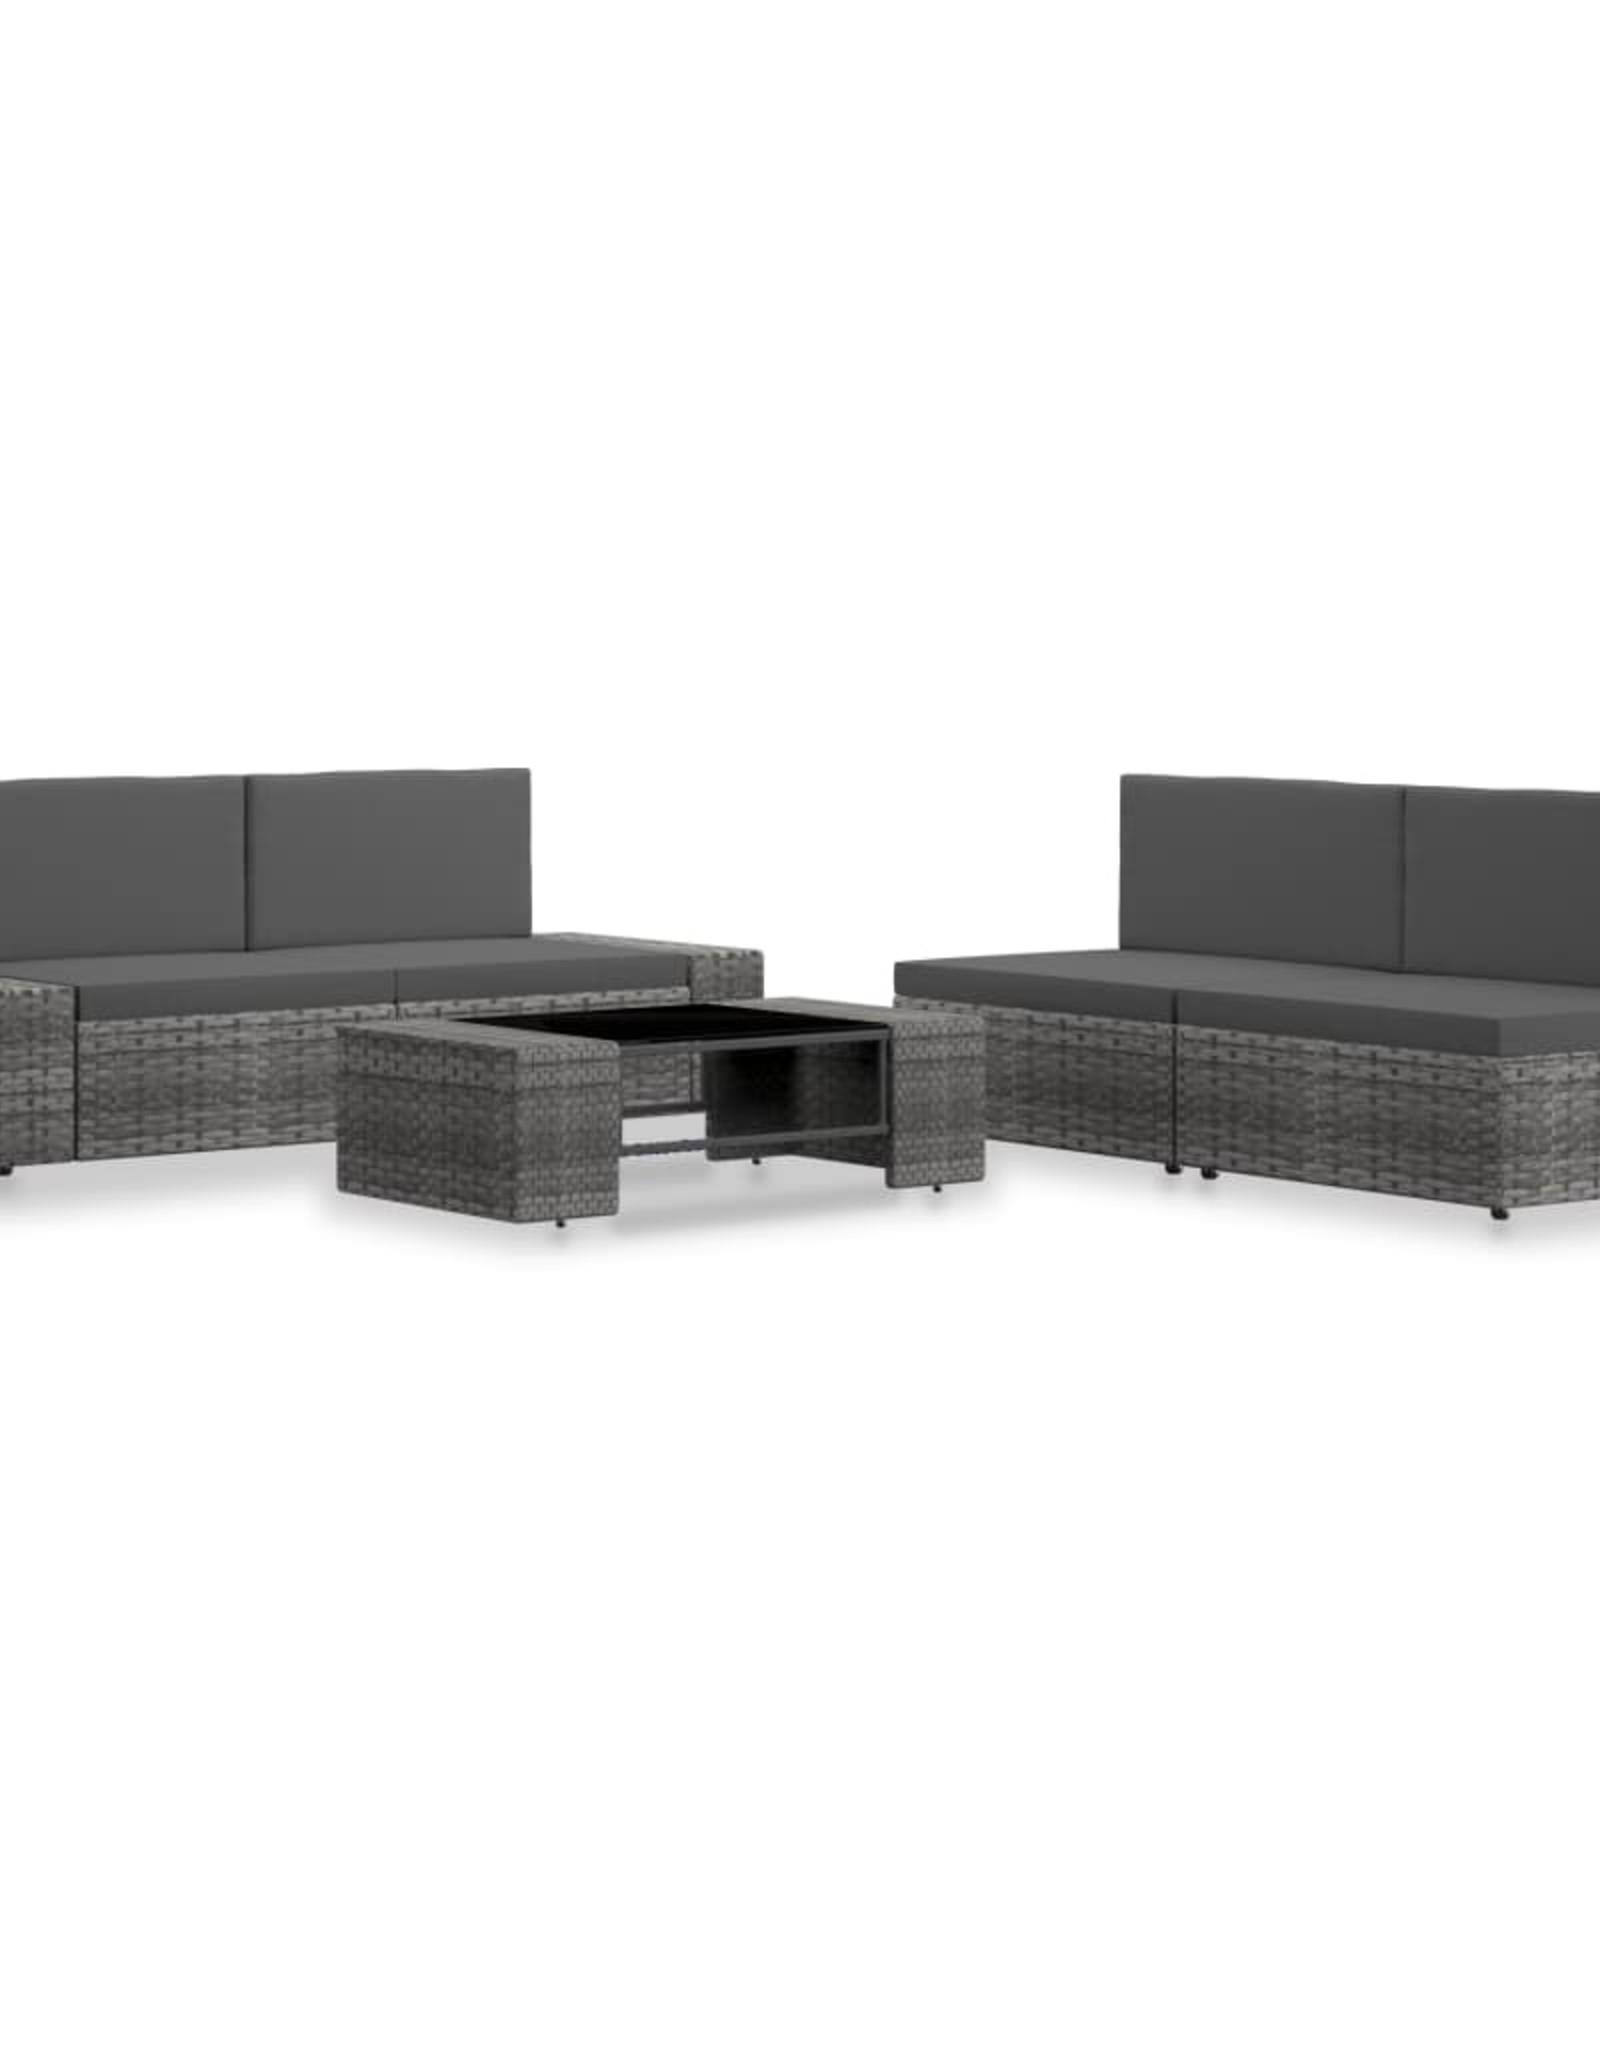 vidaXL 5-delige Loungeset poly rattan grijs